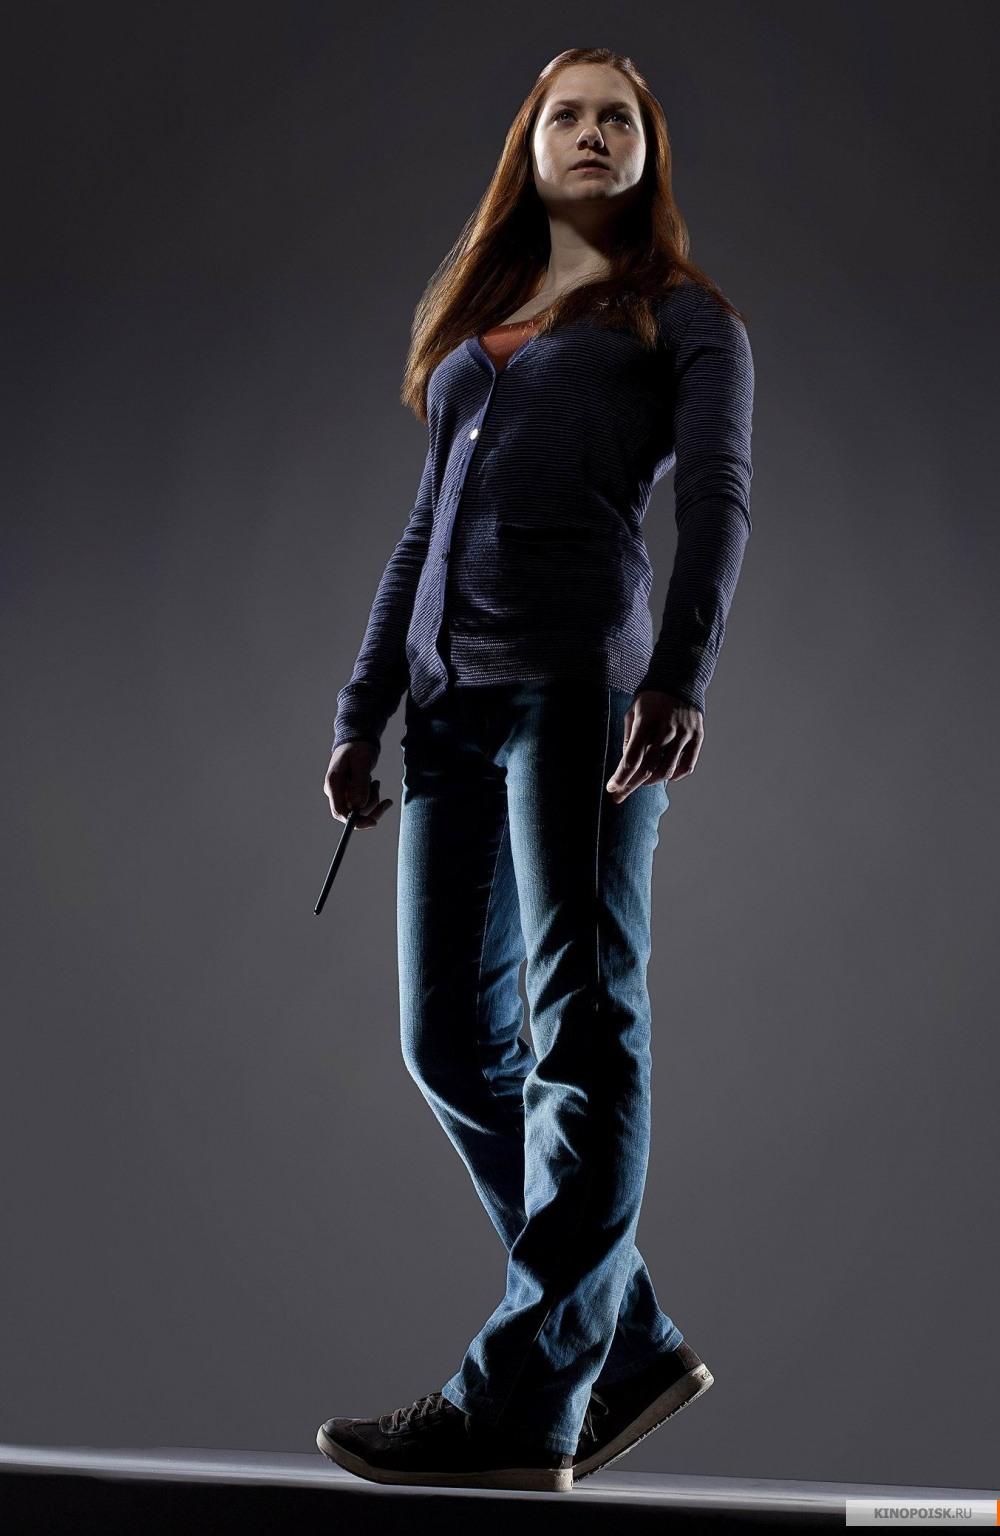 Фото: Гарри Поттер и Дары Смерти: Часть II / Промо ...